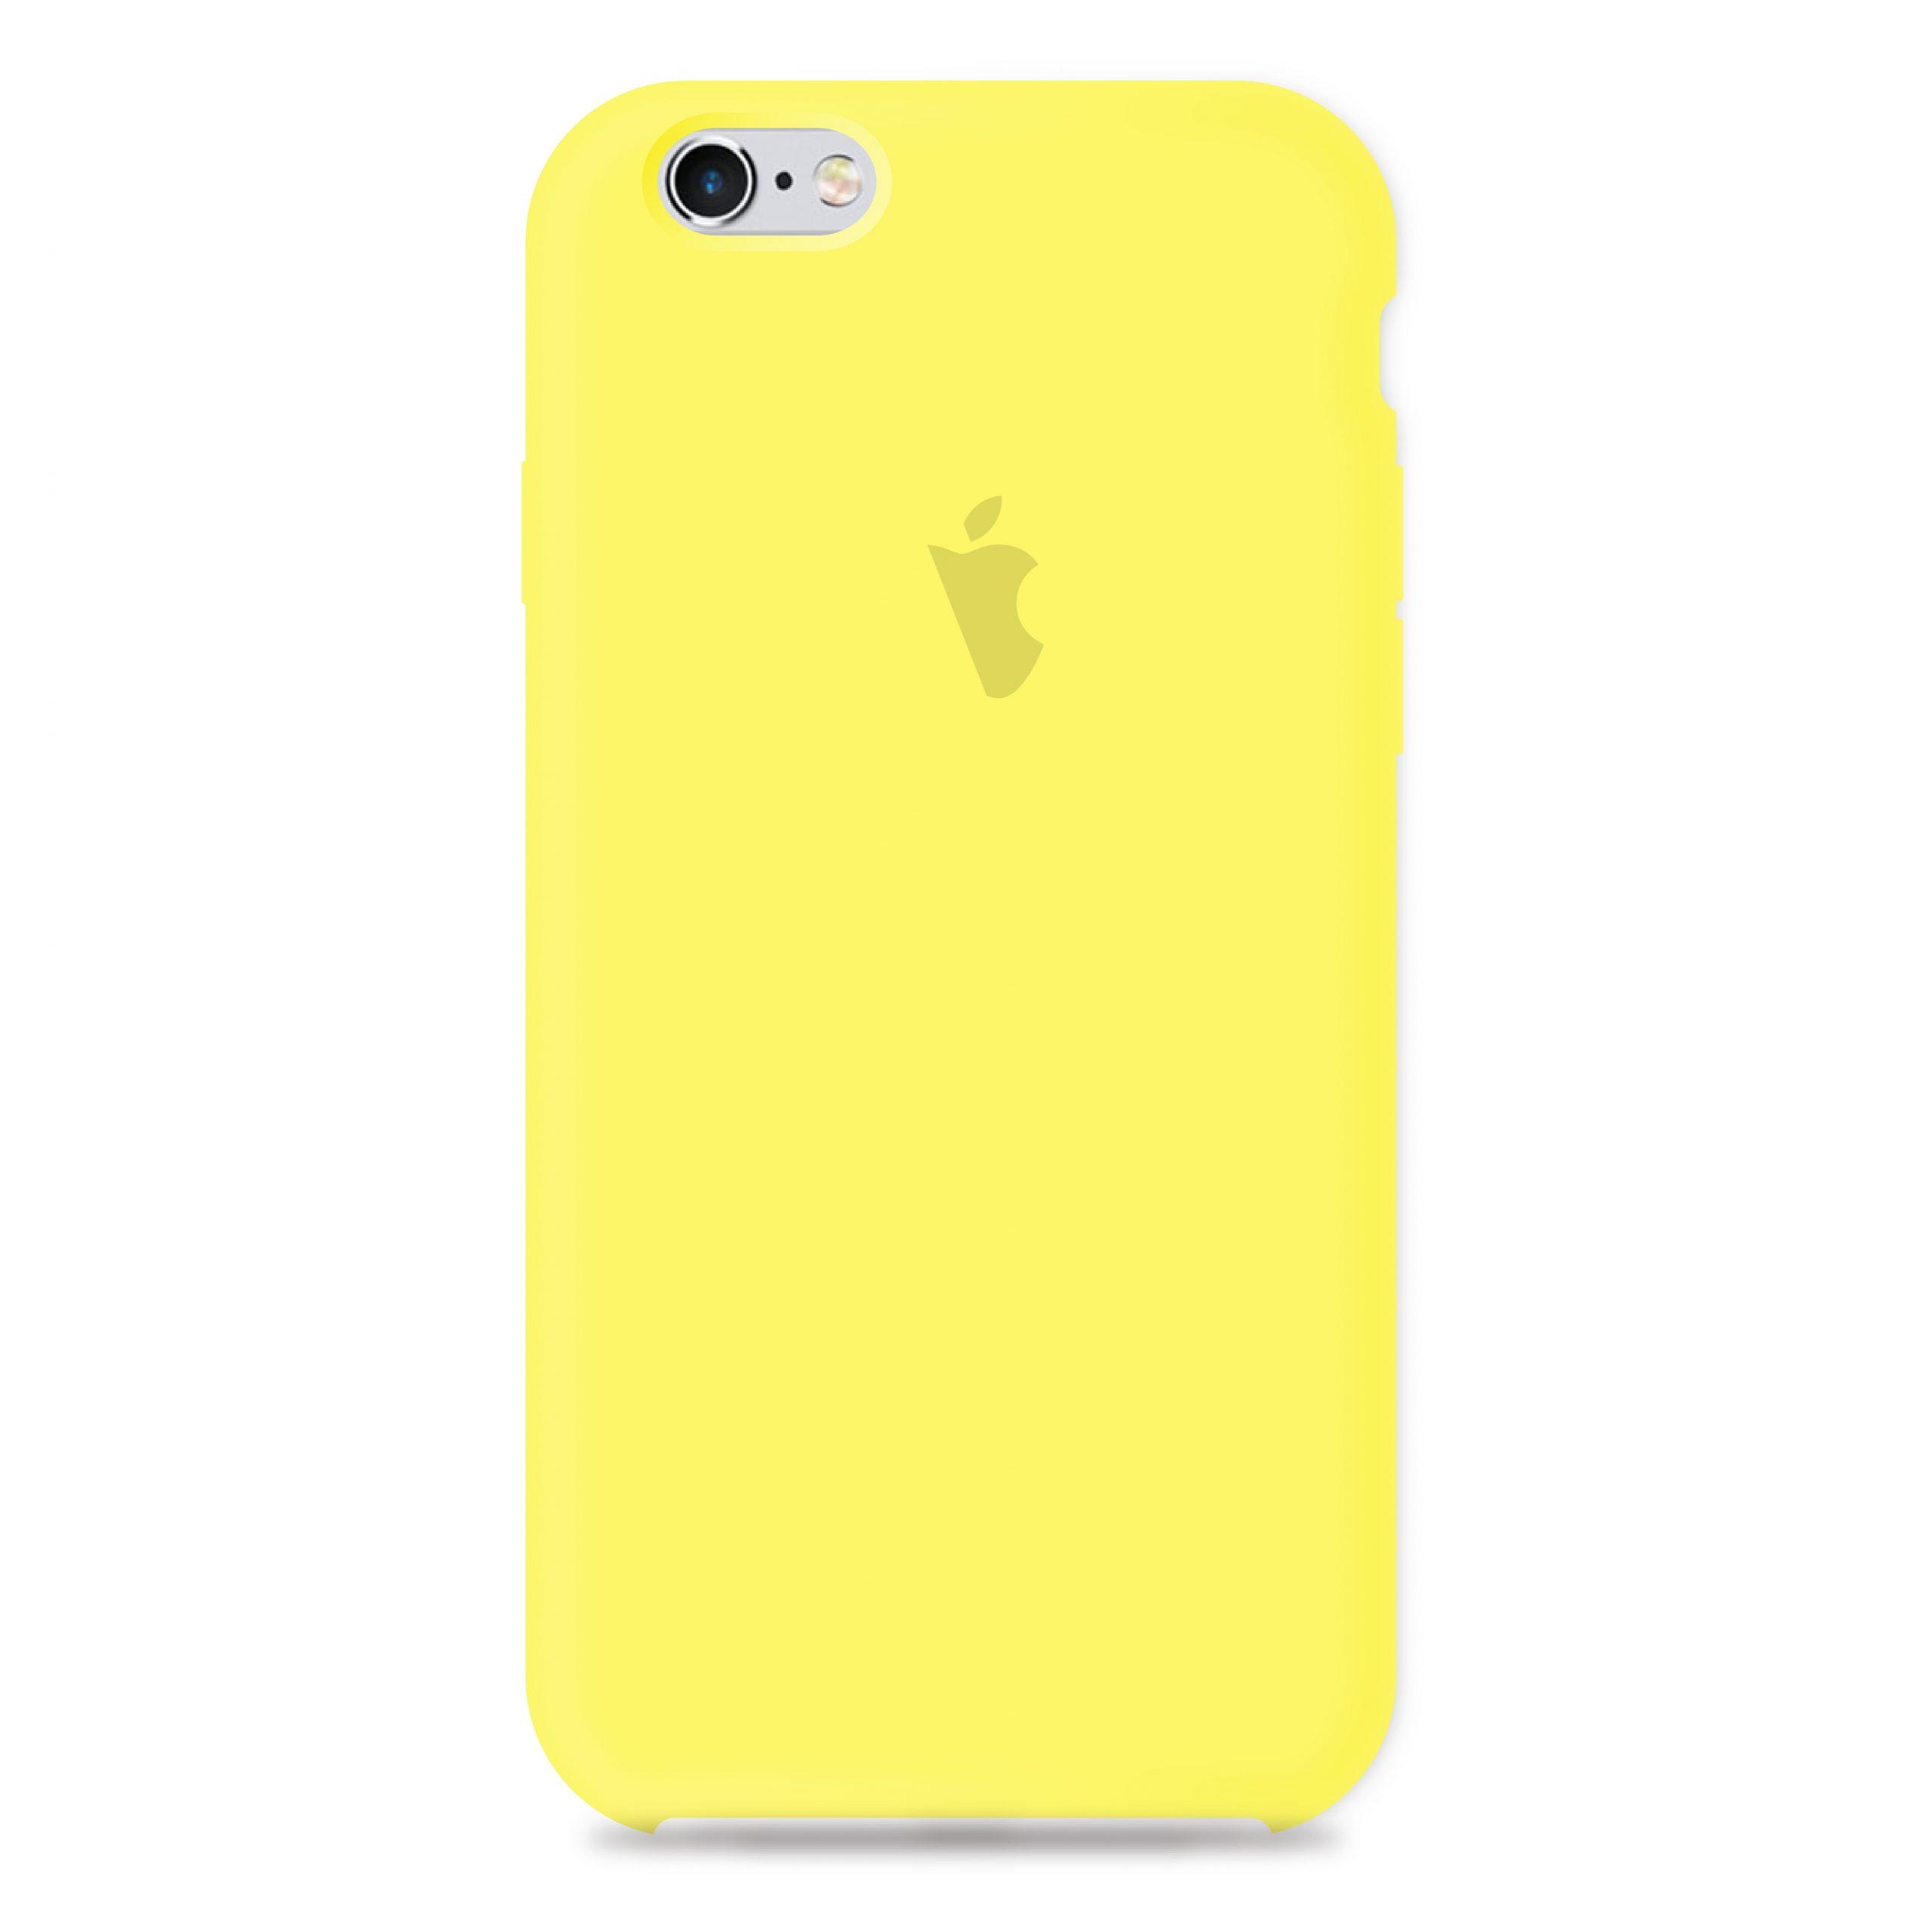 Carcasa Silicona Logo Iphone 6 6s Amarilla Carcasas Chile